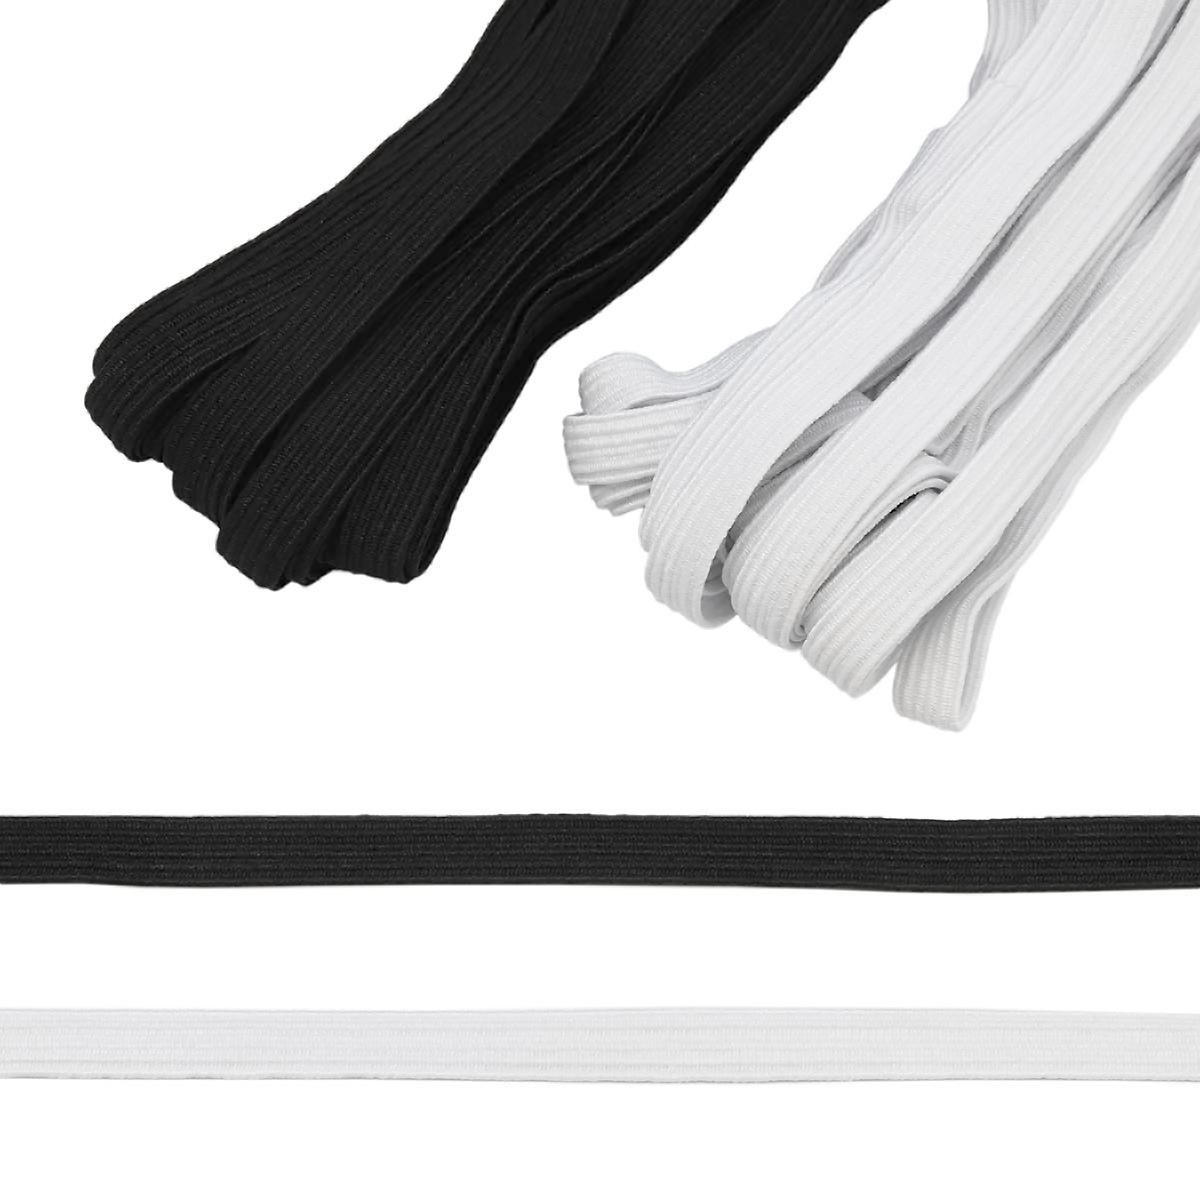 Резинка-продежка (тесьма эластичная) 10 мм (2 мот по 10м), цв. белый, черный